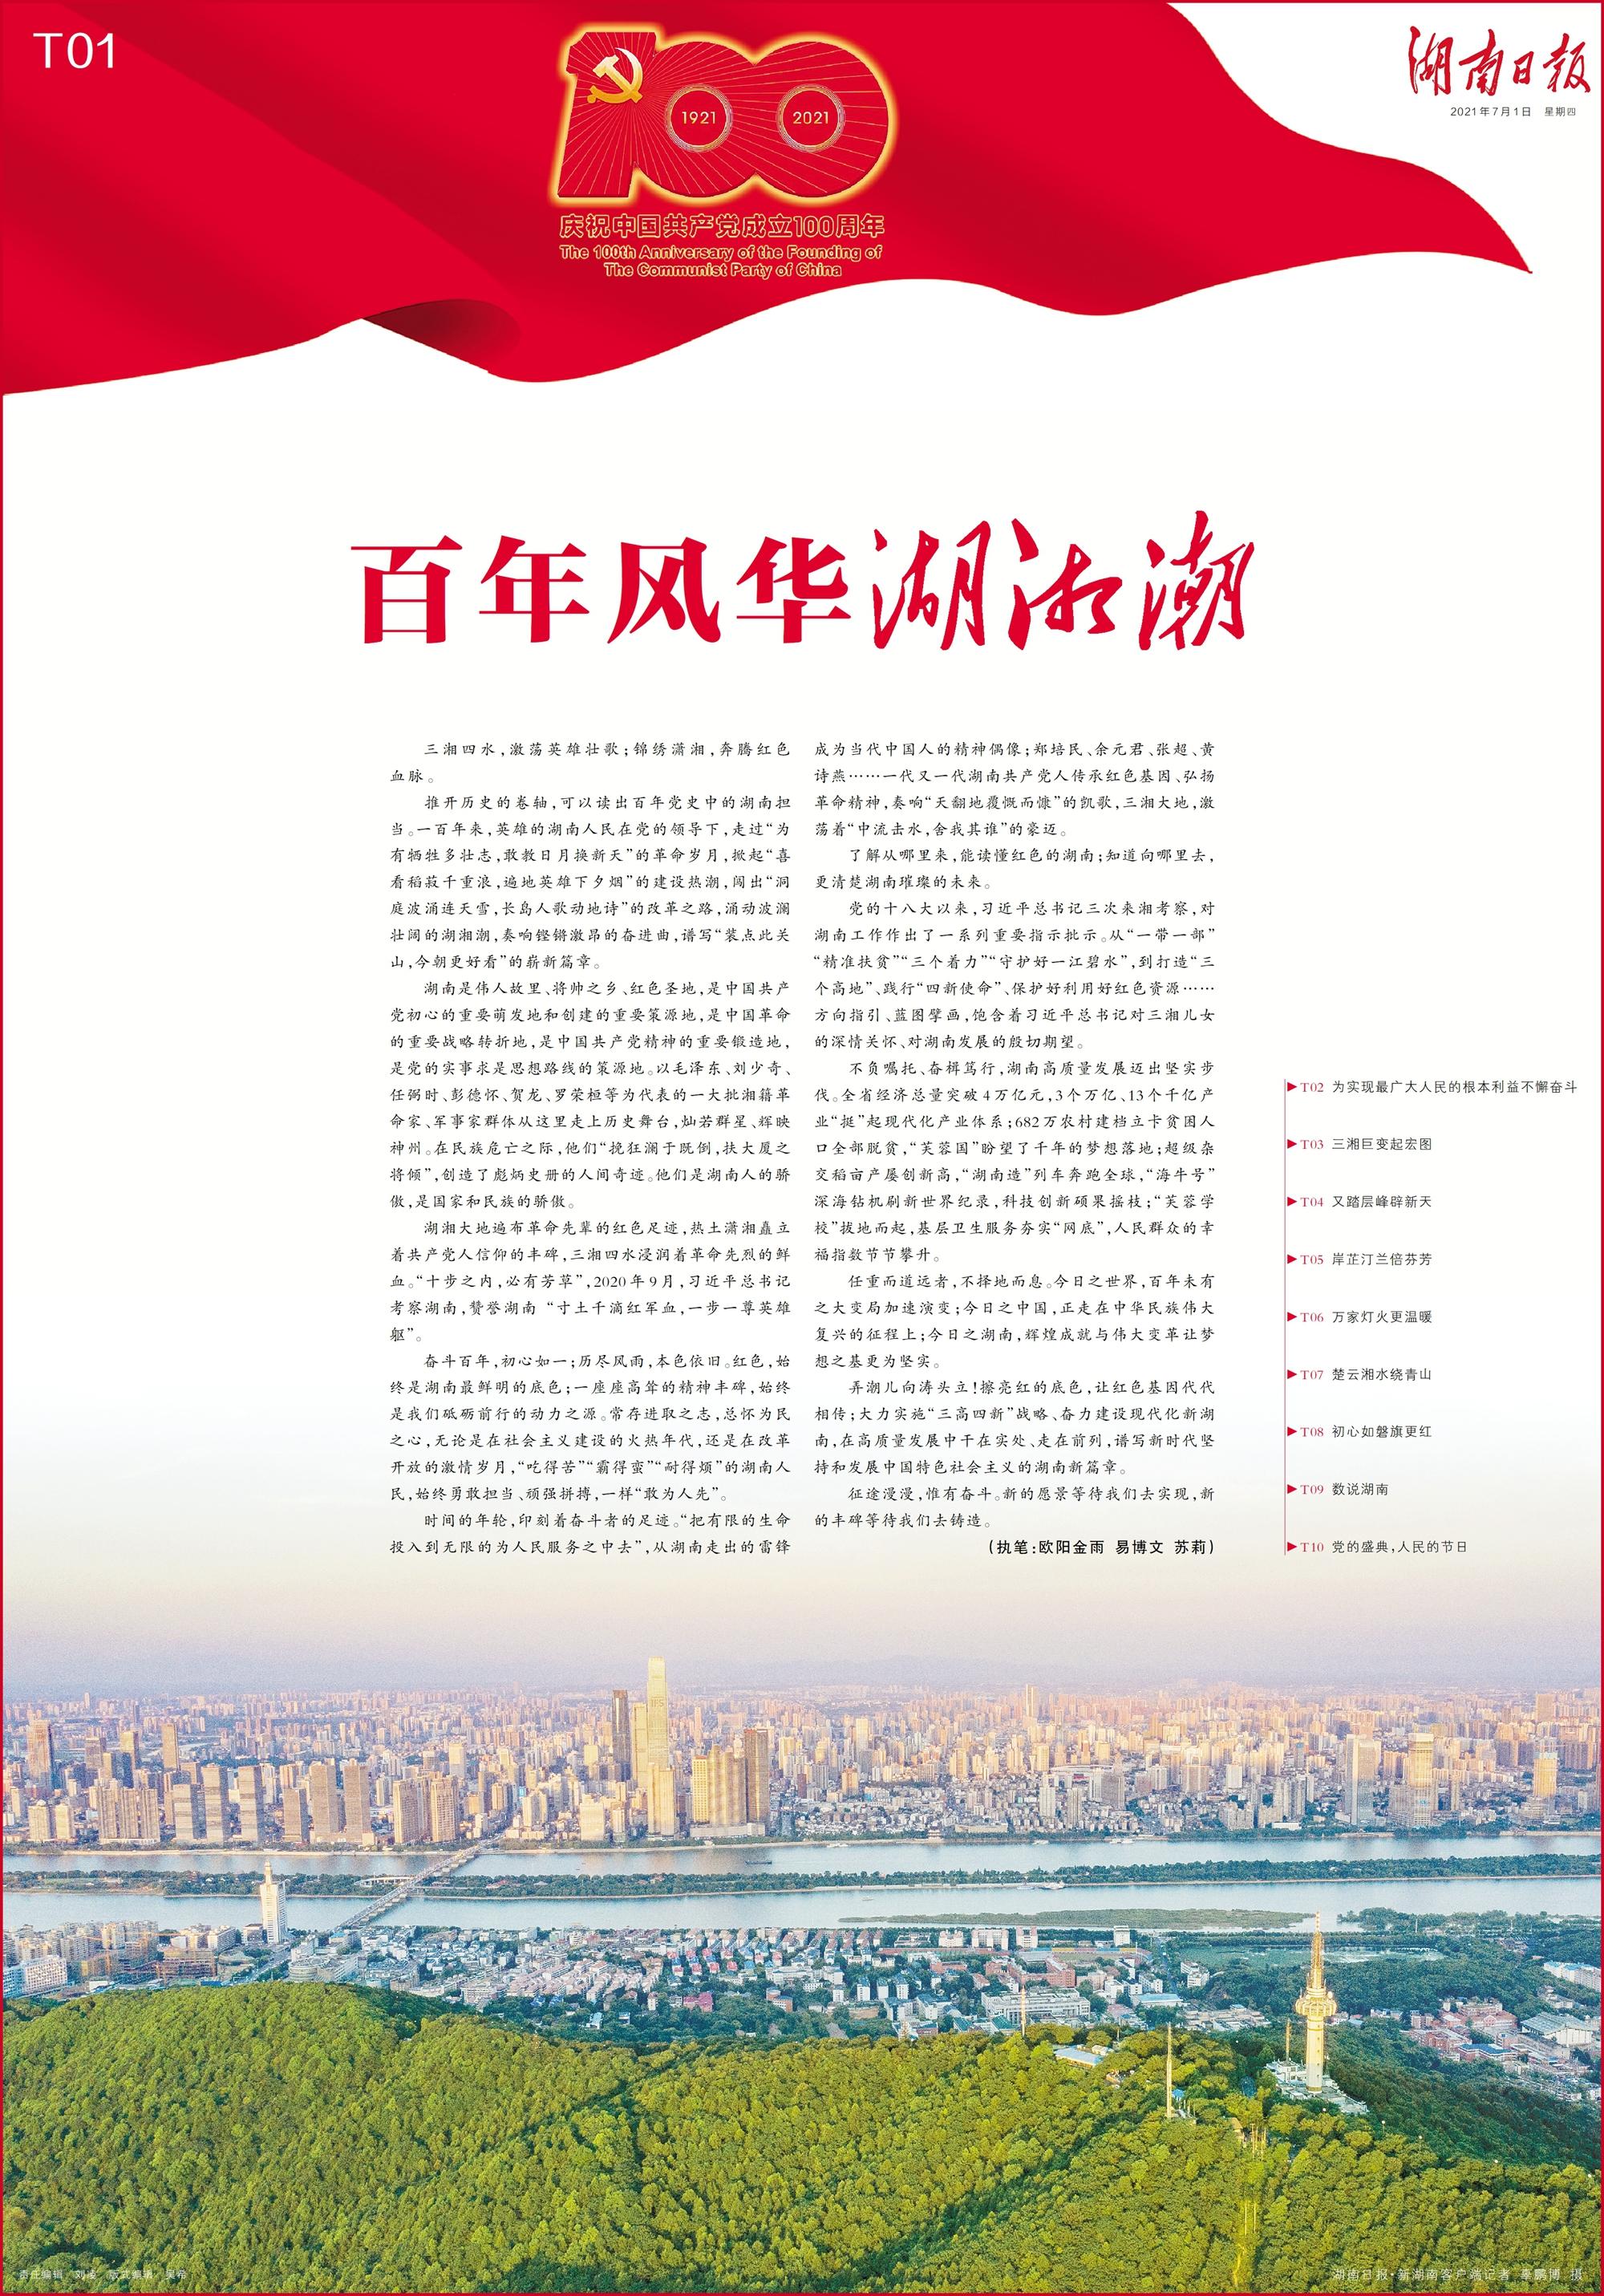 今天,湖南日报推出《百年风华湖湘潮》百版特别报道